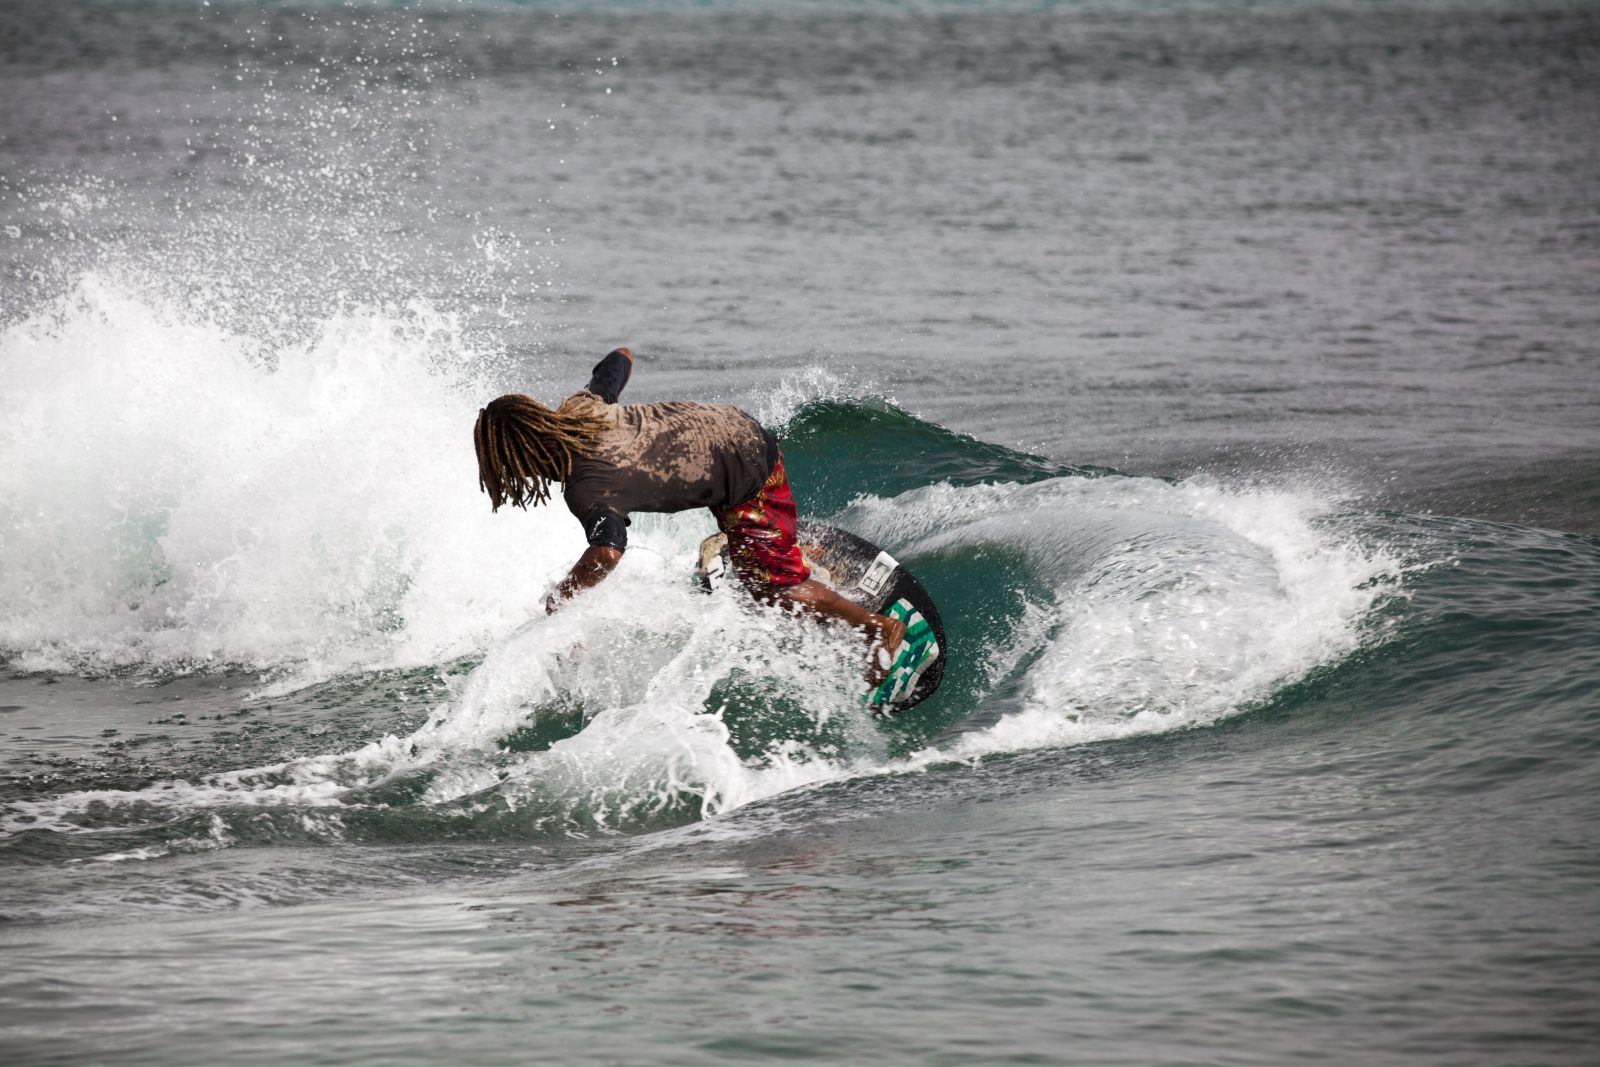 Surfer haben die Kapverdischen Inseln in den 70-Jahren als Urlaubsziel entdeckt, vor allem Sal. ©Maria Cherevan/AdobeStock